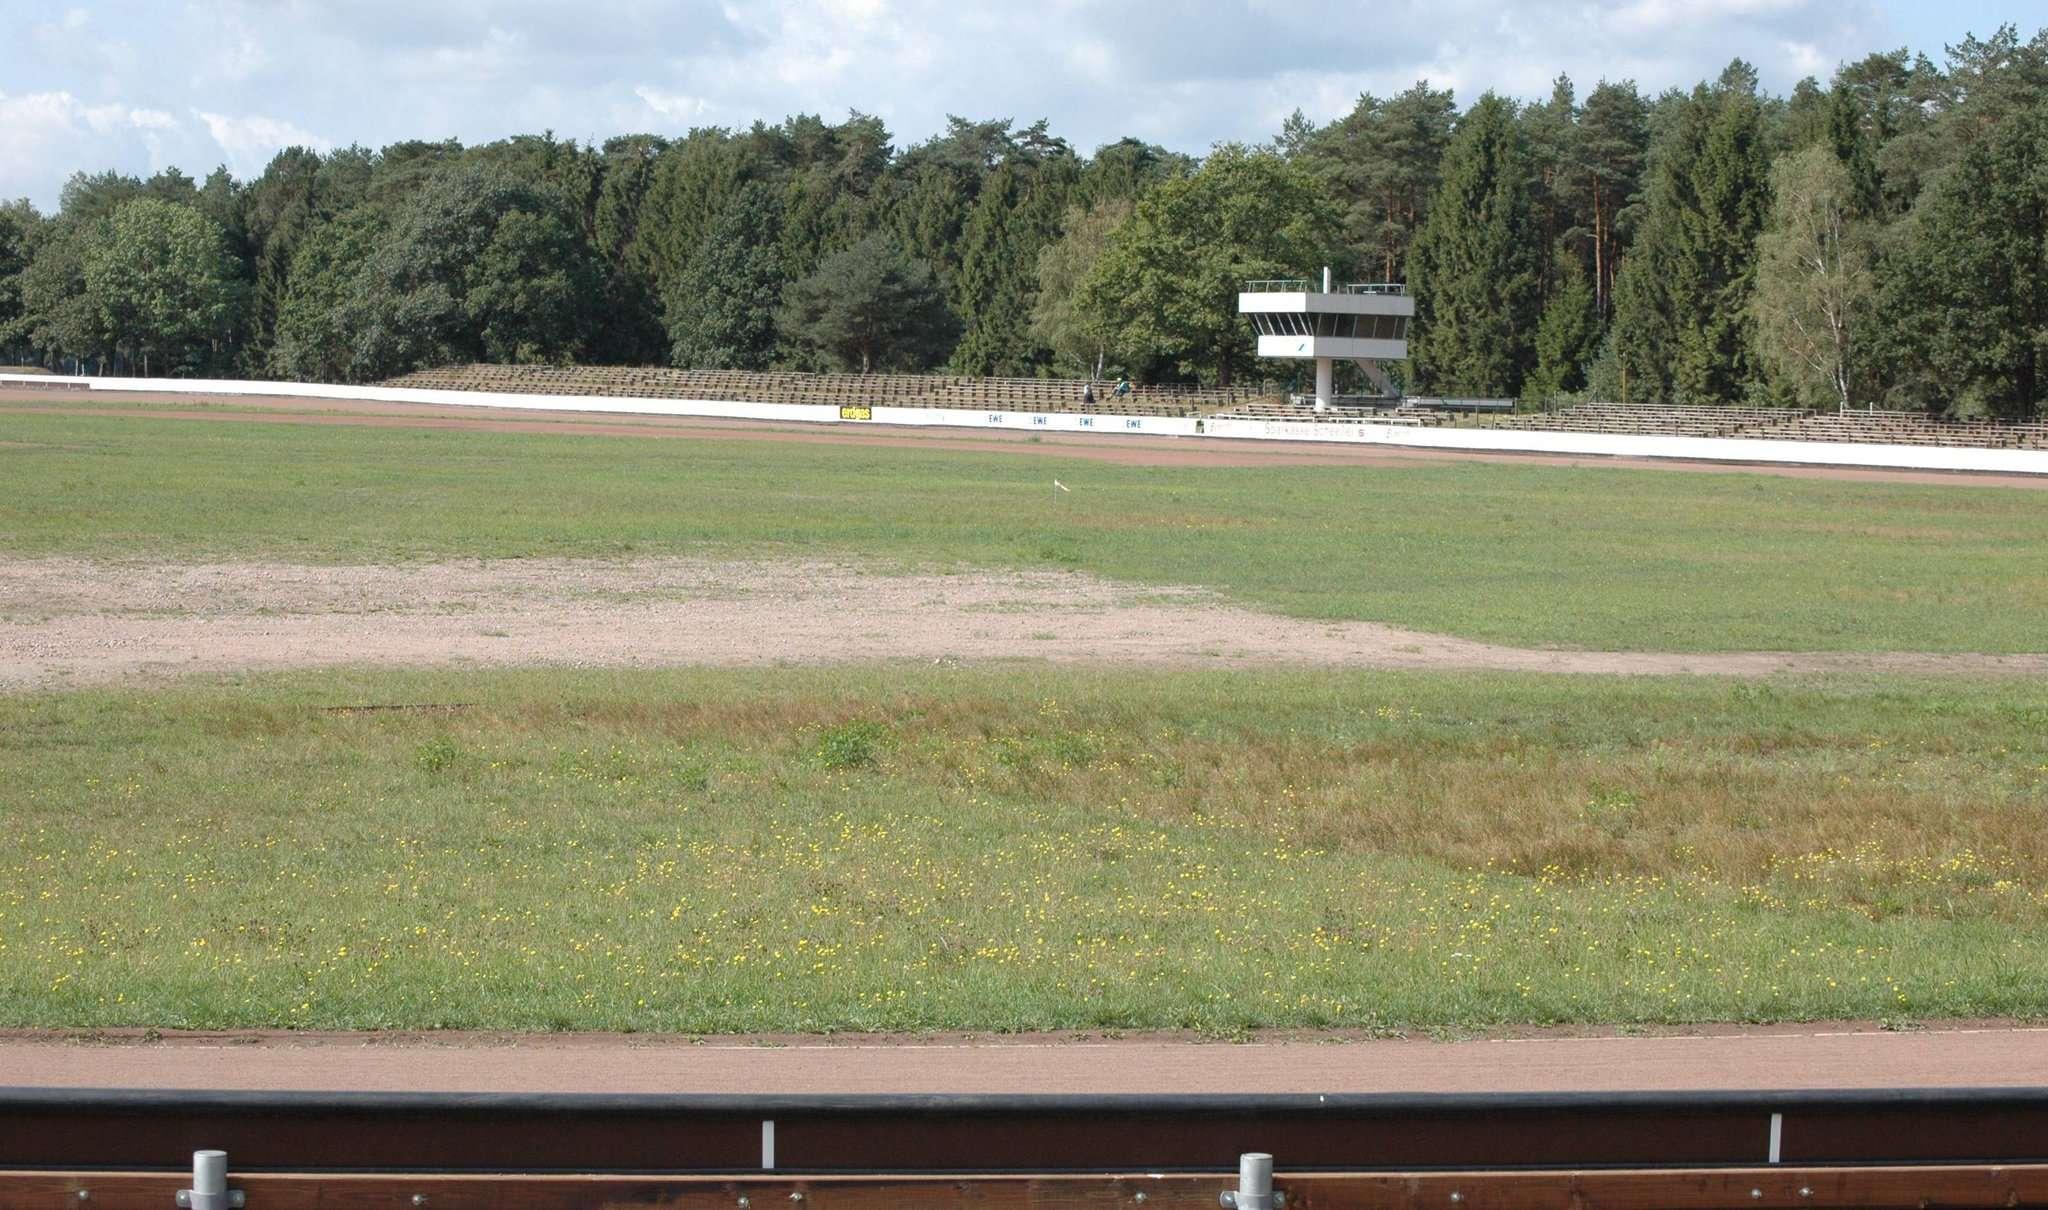 Der Eichenring bleibt leer - weder Hurricane noch Sandbahnrennen laufen dieses Jahr. Archivfoto: Lou00ebs